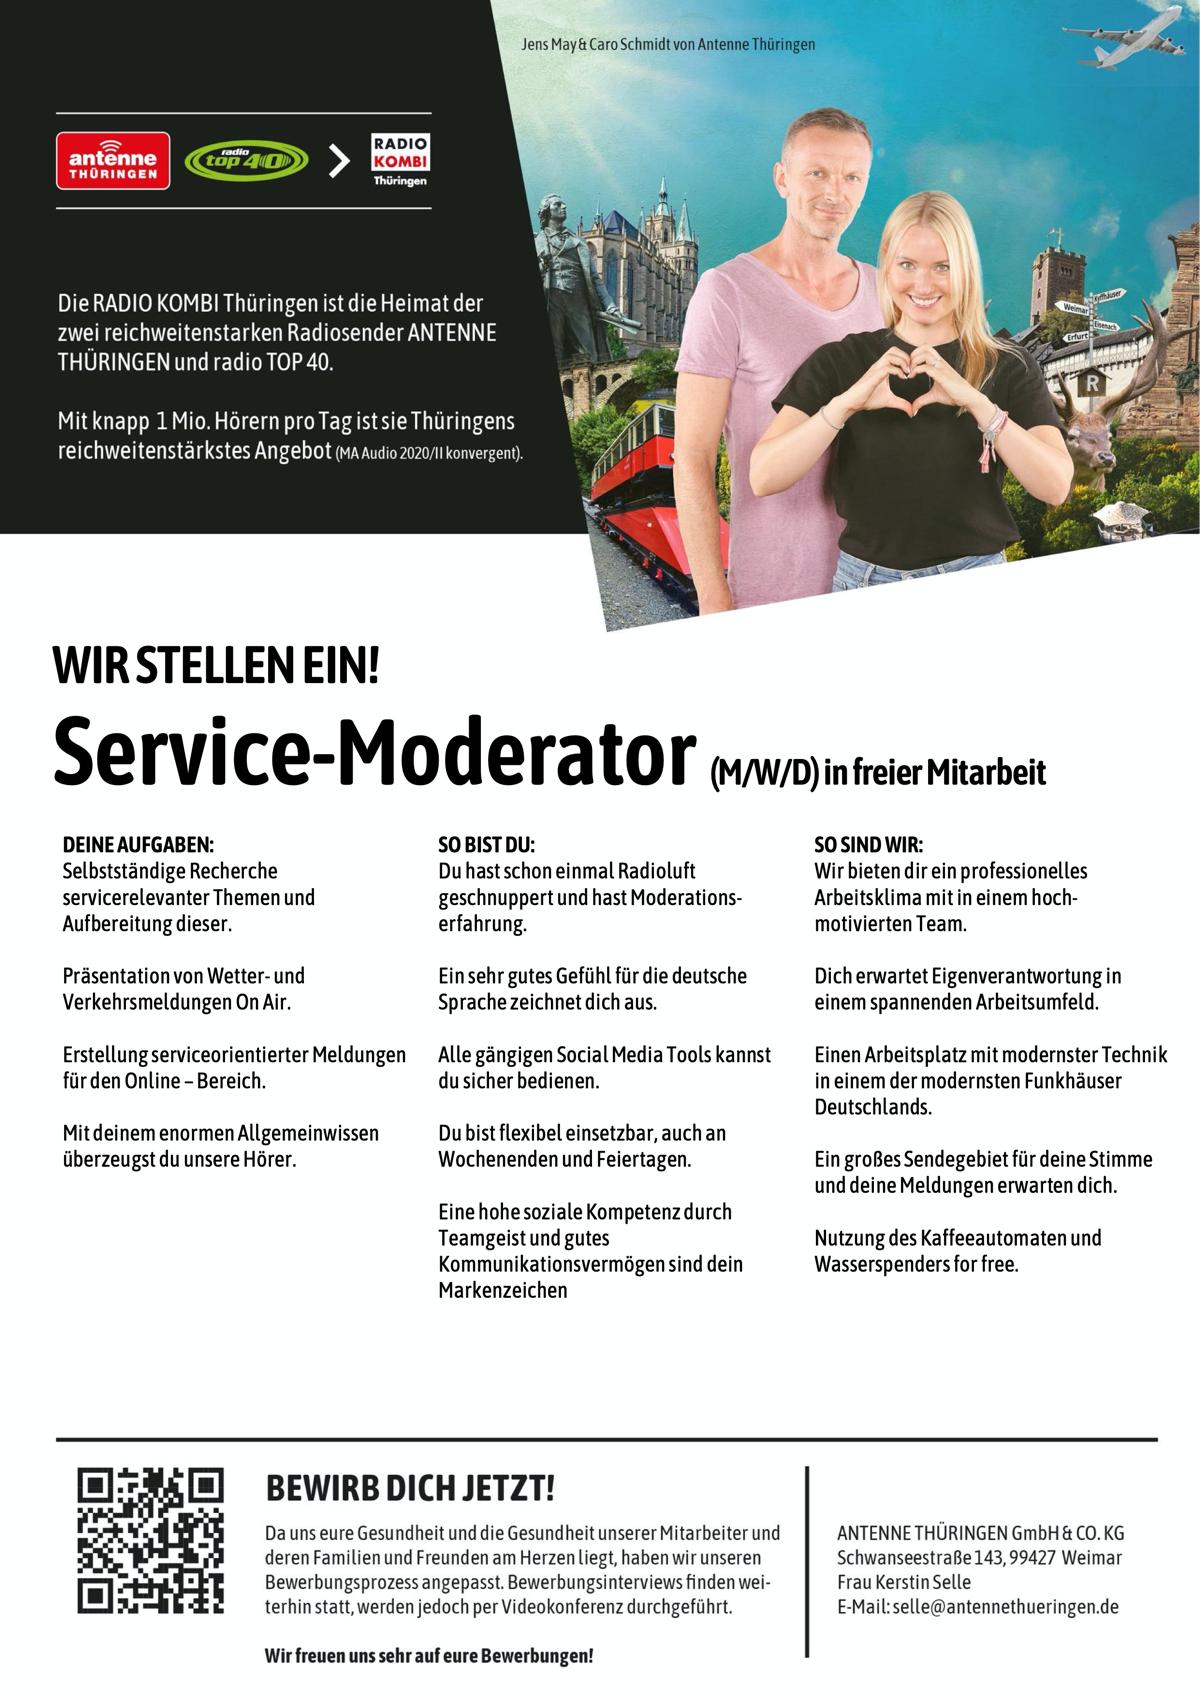 ANTENNE THÜRINGEN sucht Service-Moderator (m/w(d) in freier Mitarbeit